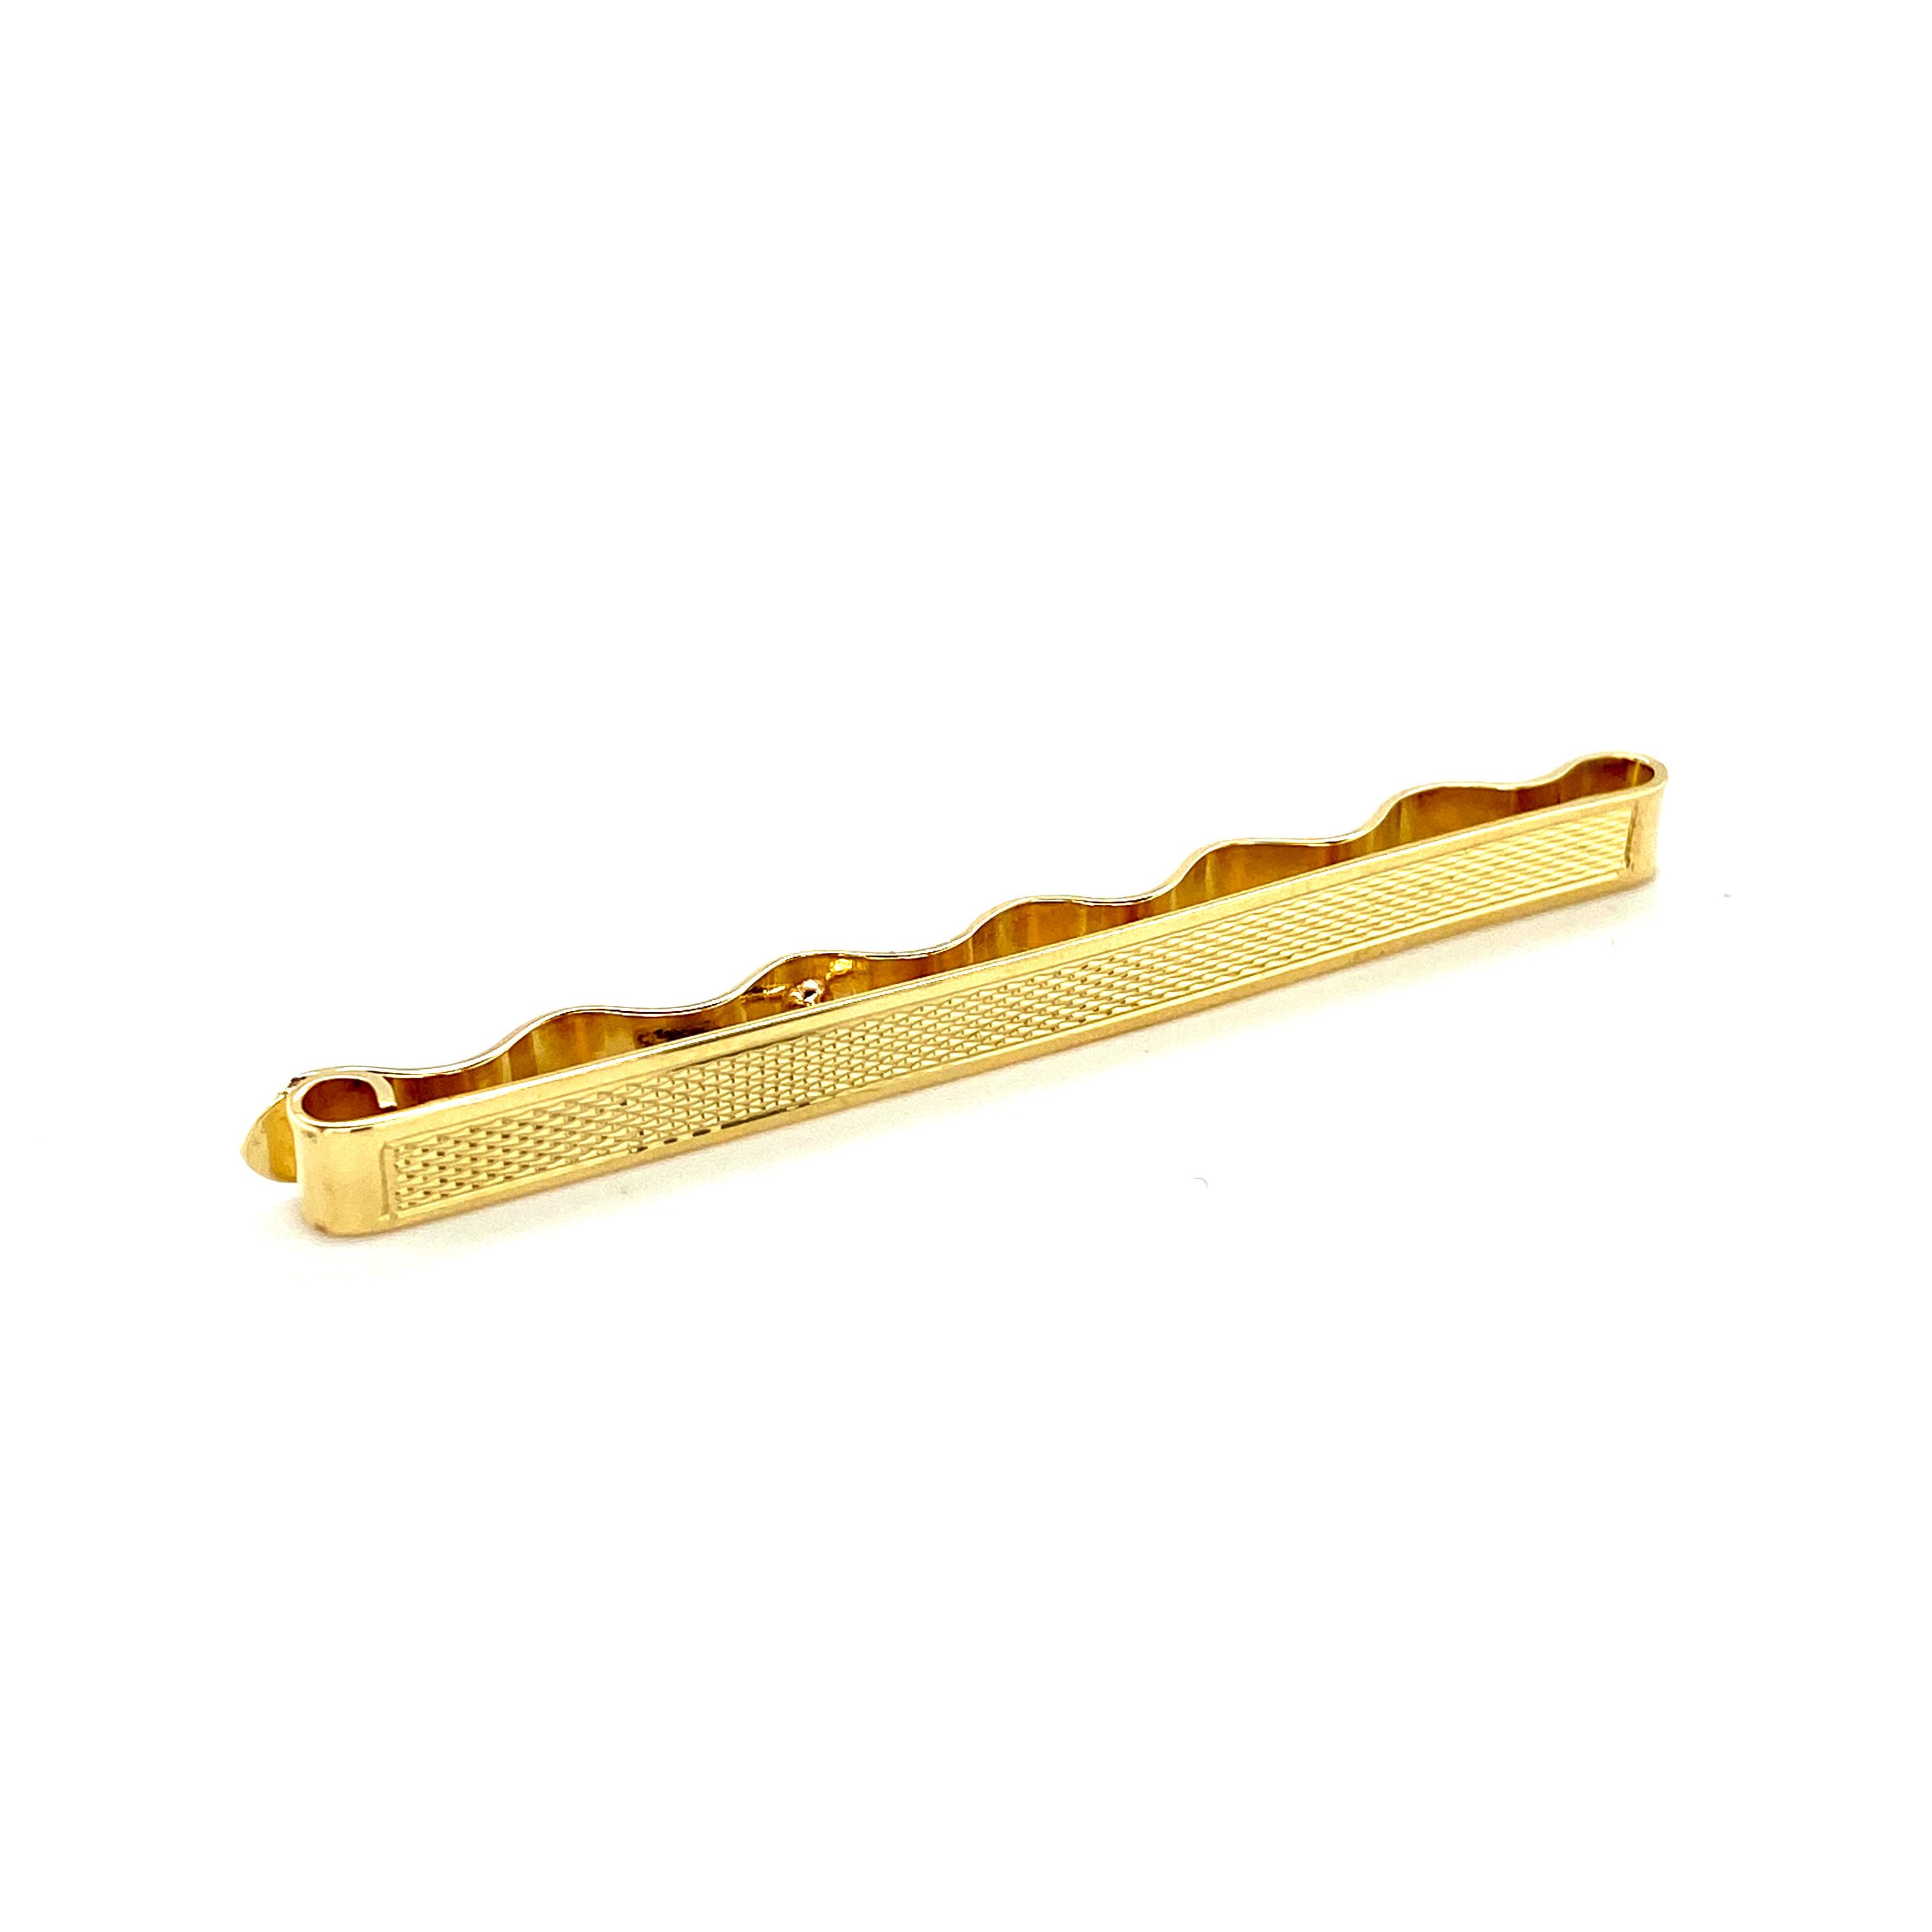 Weihnachten Krawattenschieber Gelbgold_Juwelier Brandstetter Wien